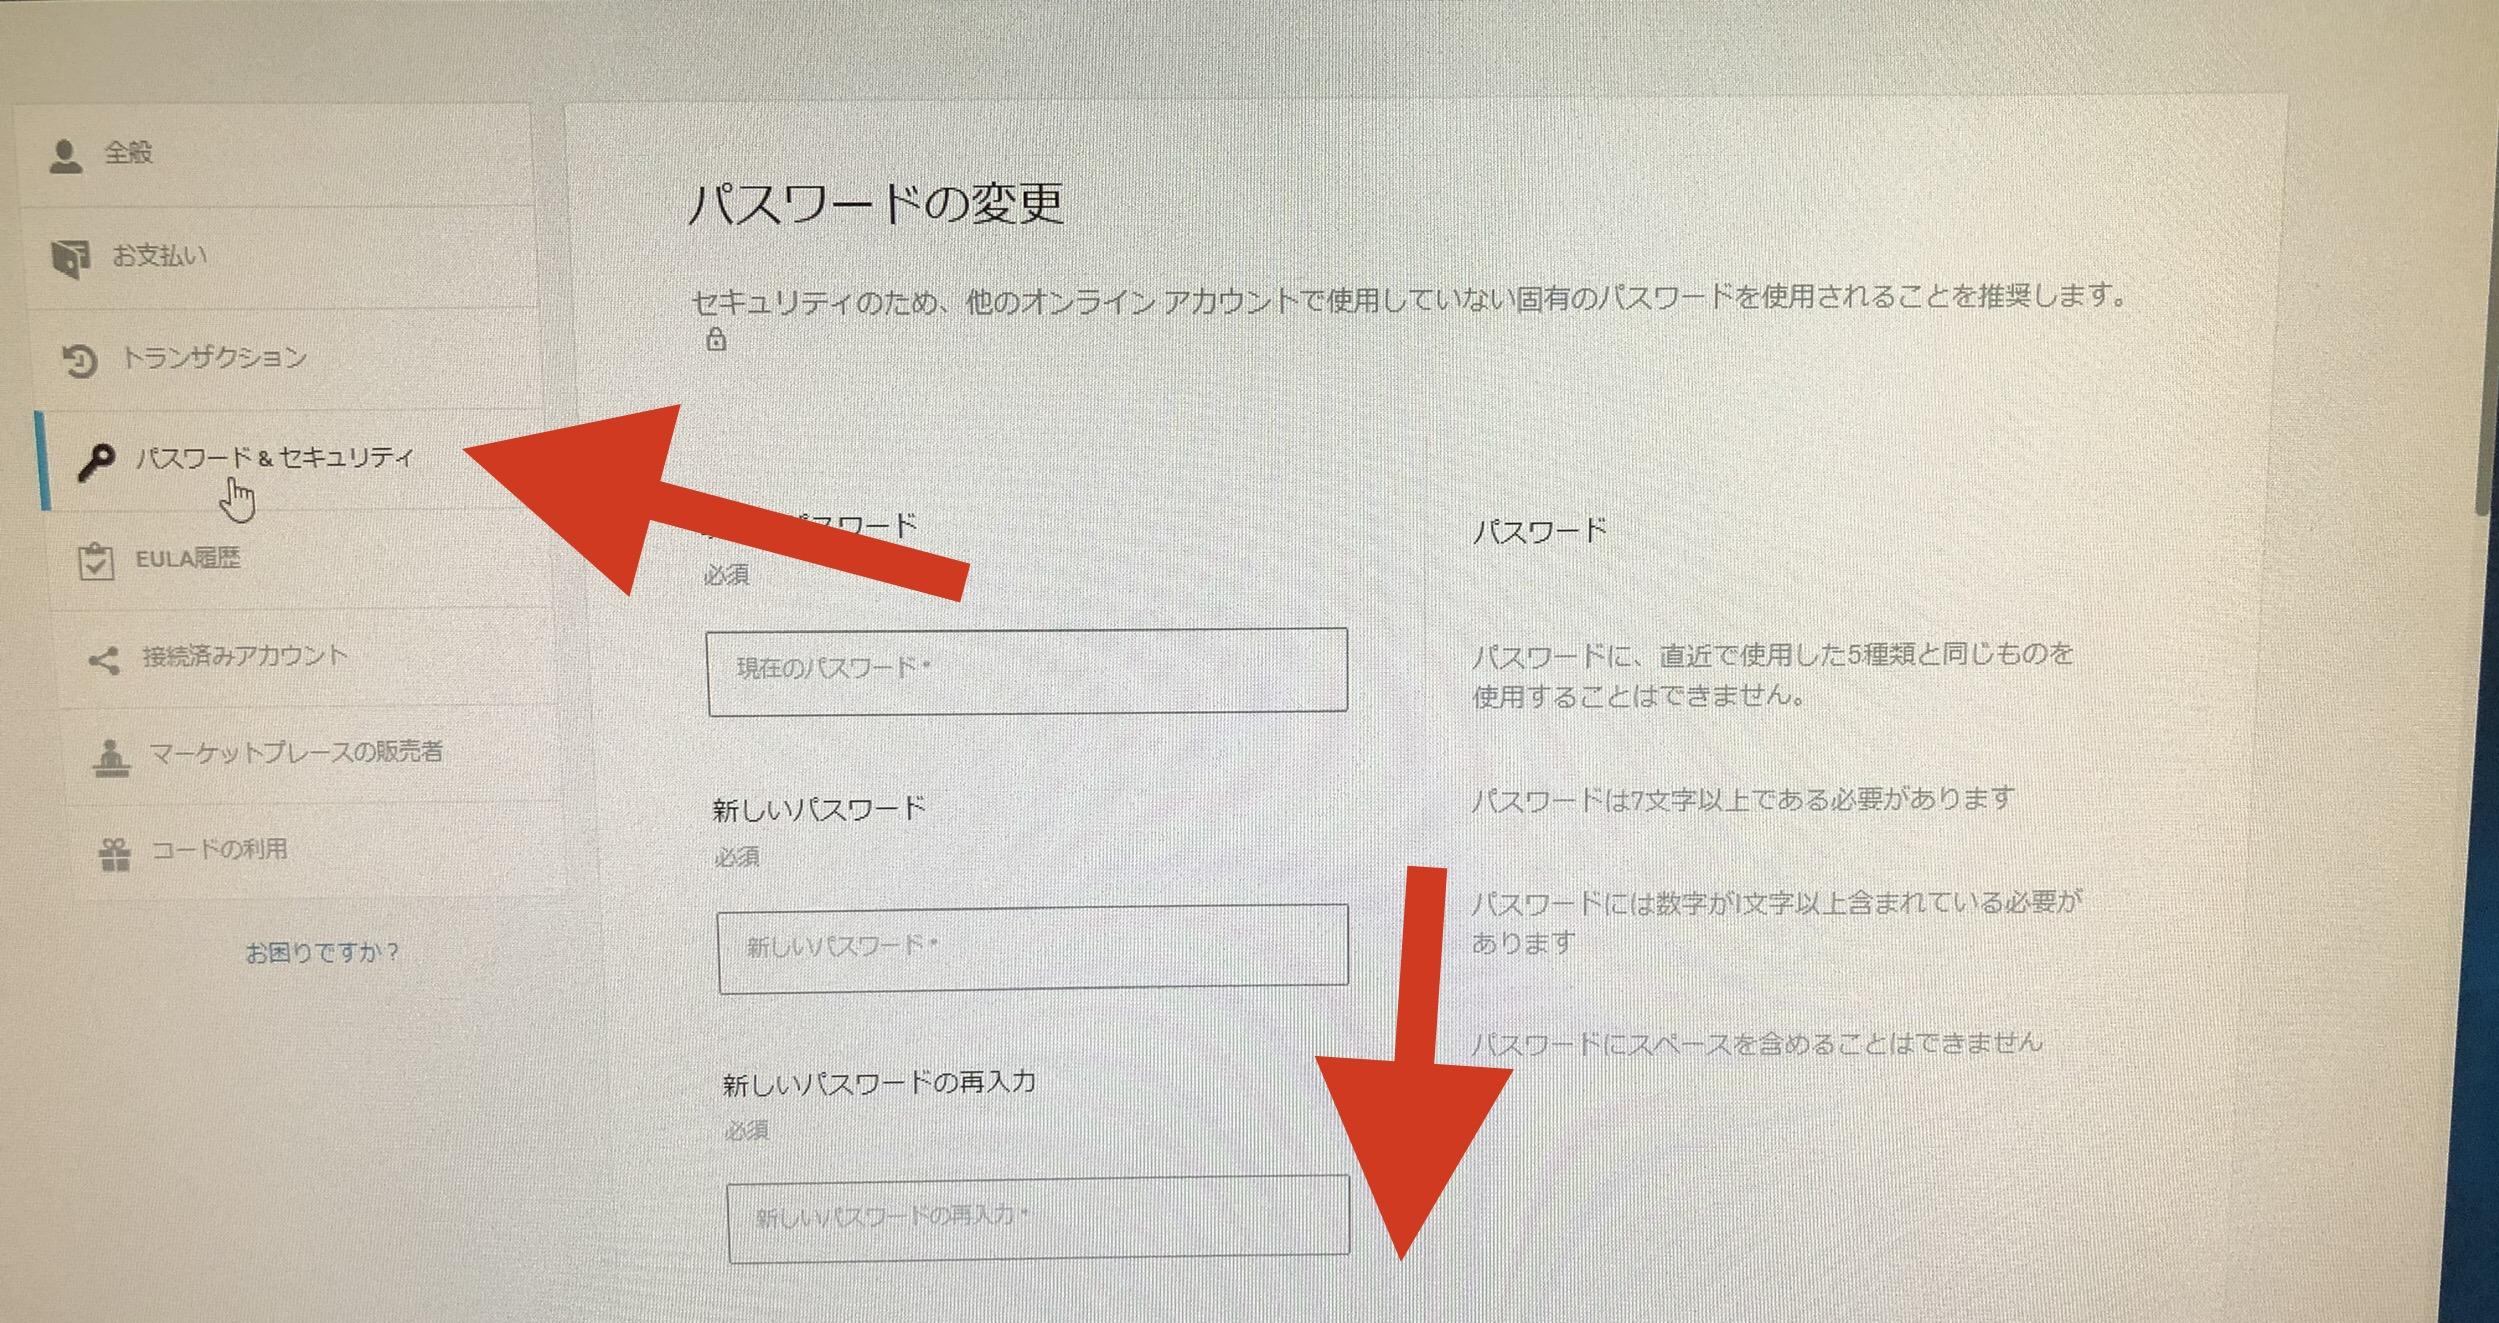 フォートナイト サインイン パソコン画面7